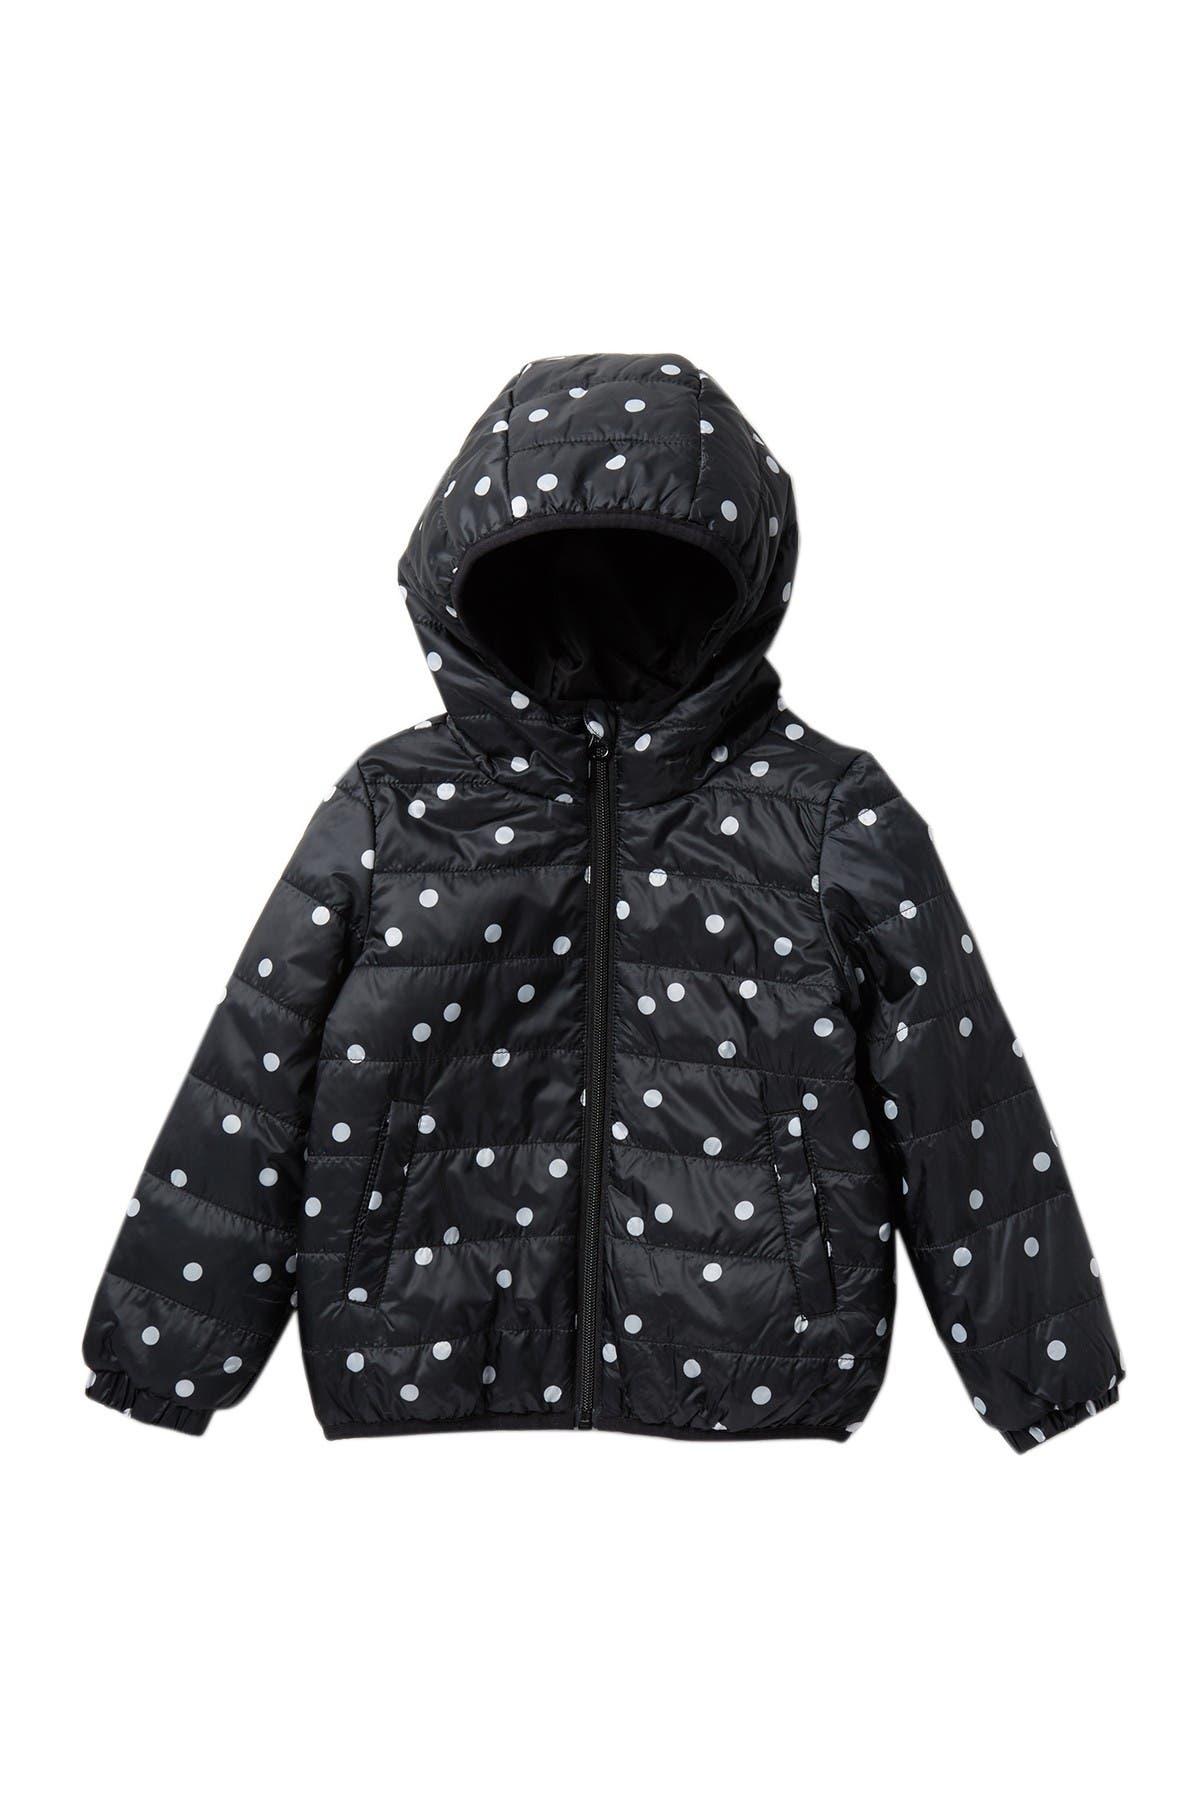 Image of Joe Fresh Water-Resistant Jacket